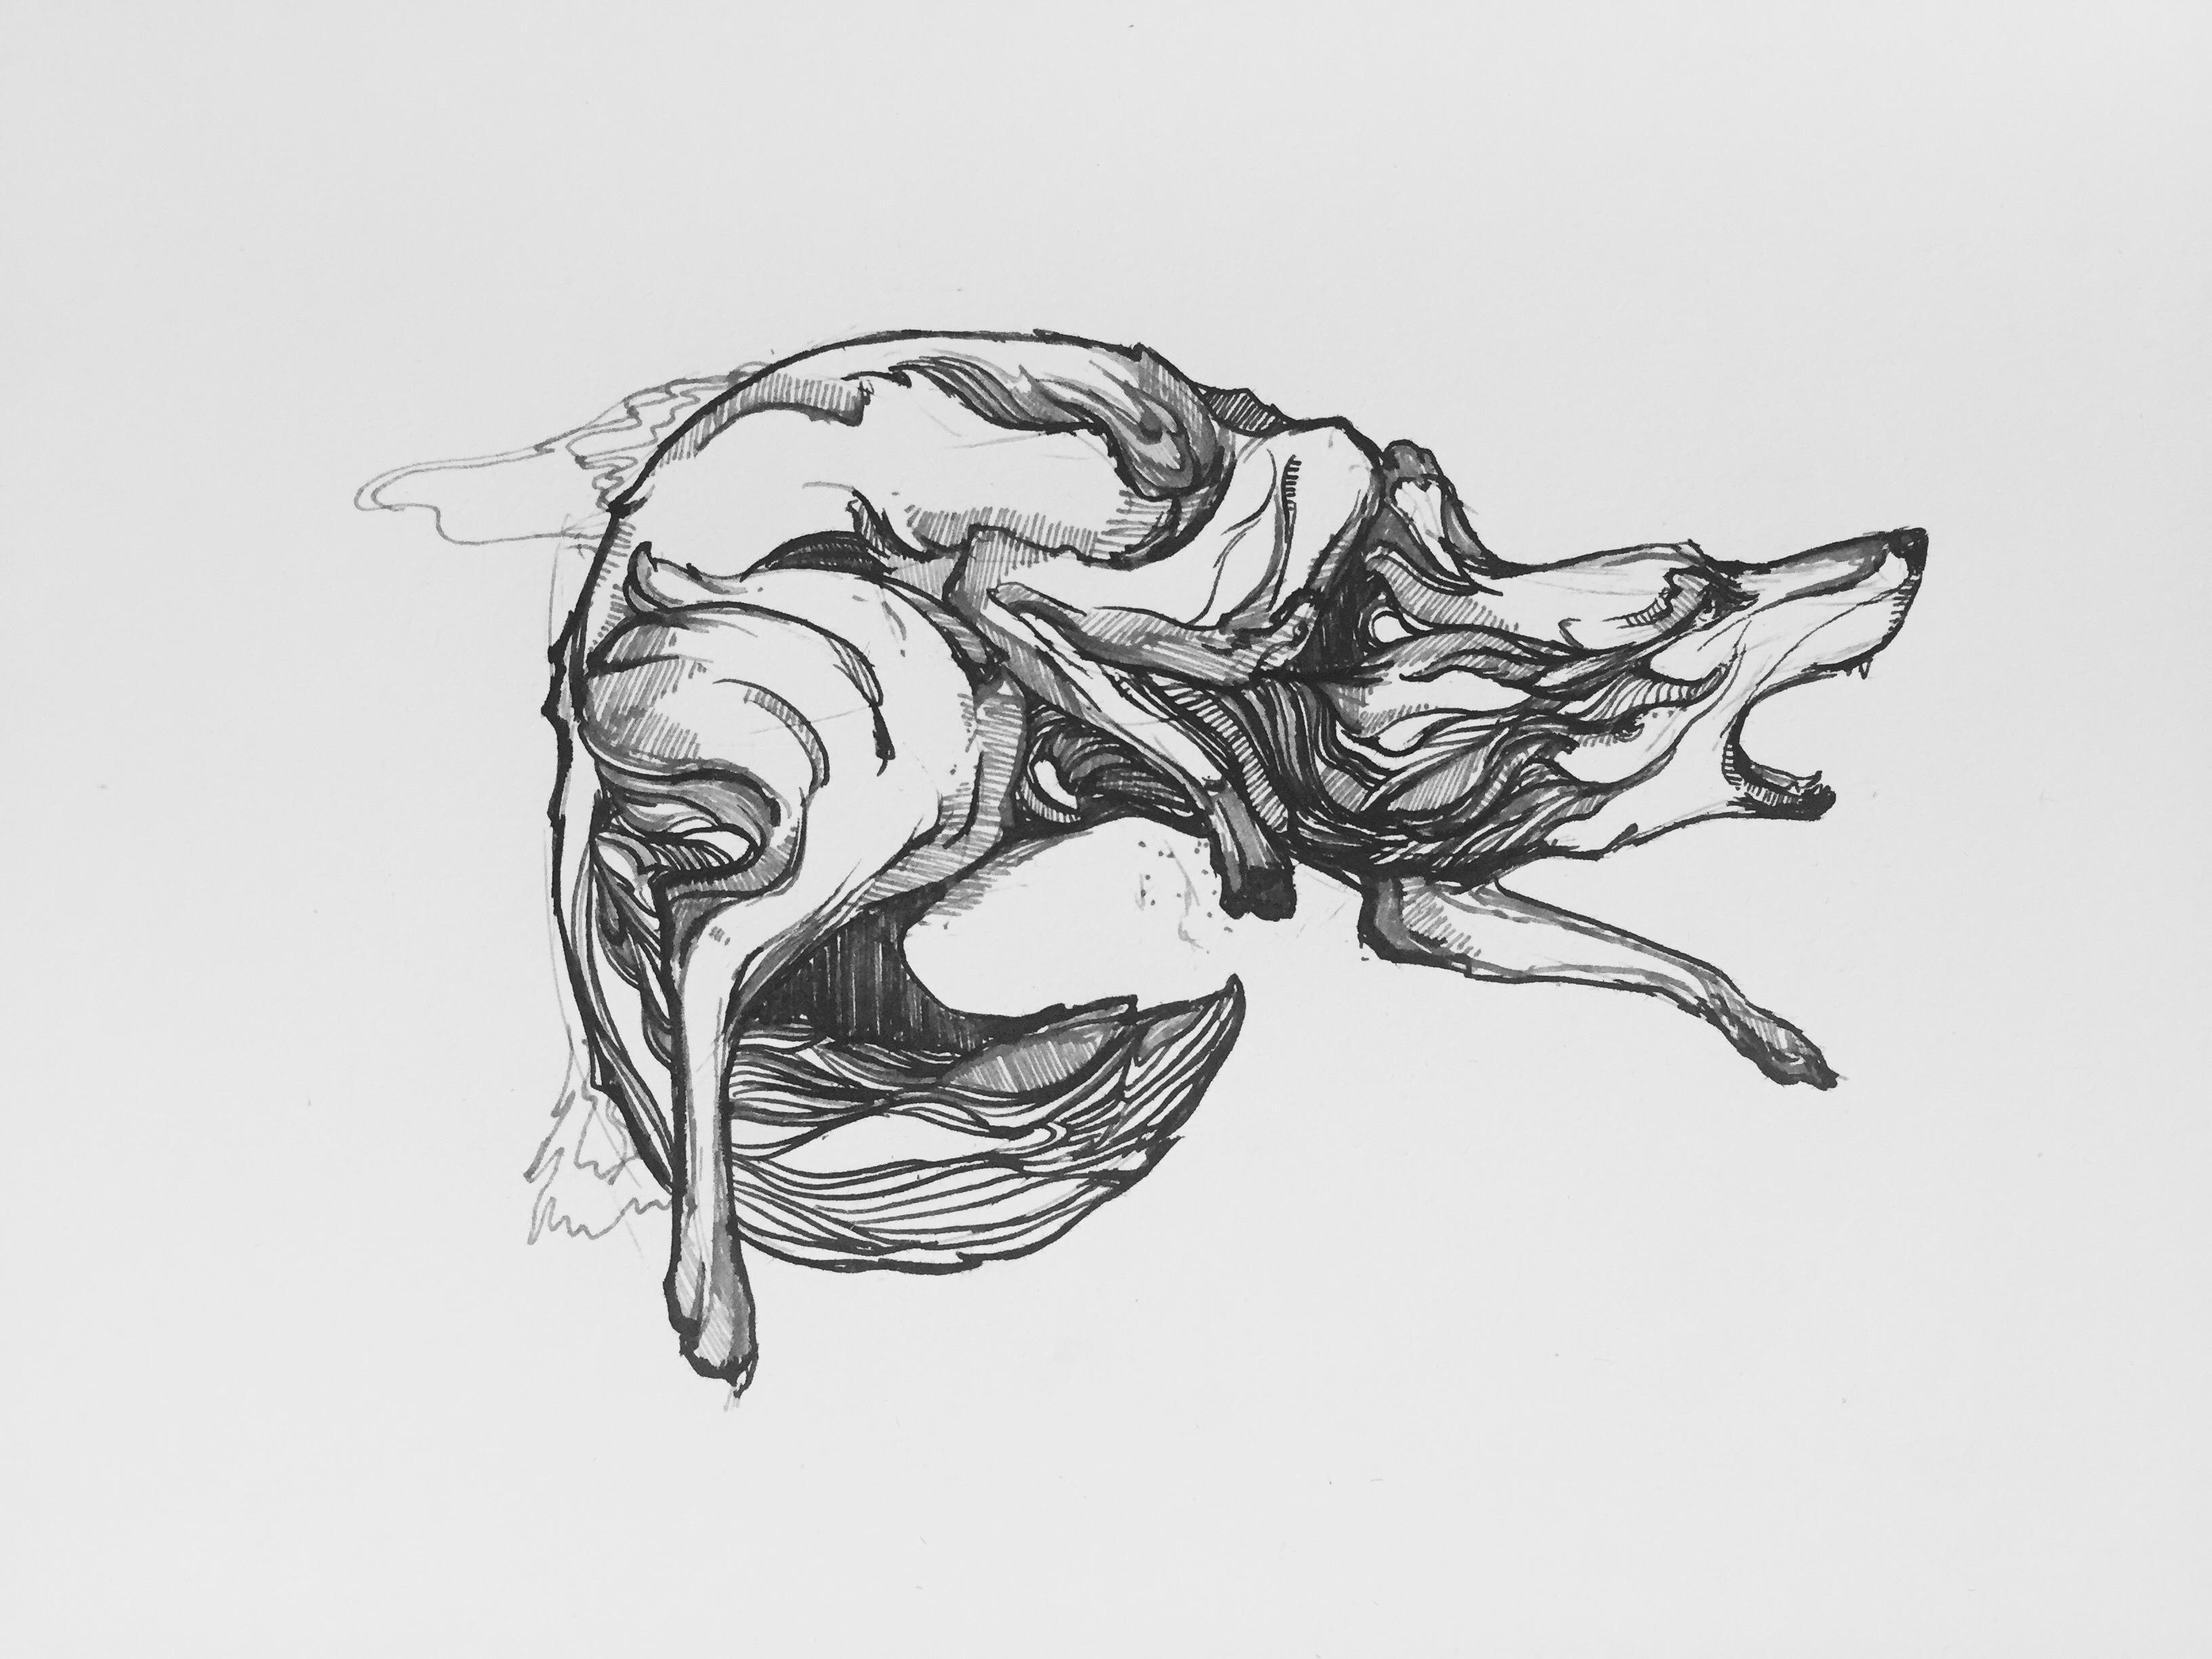 画过动物|纯艺术|钢笔画|frankzou - 原创作品 - 站酷